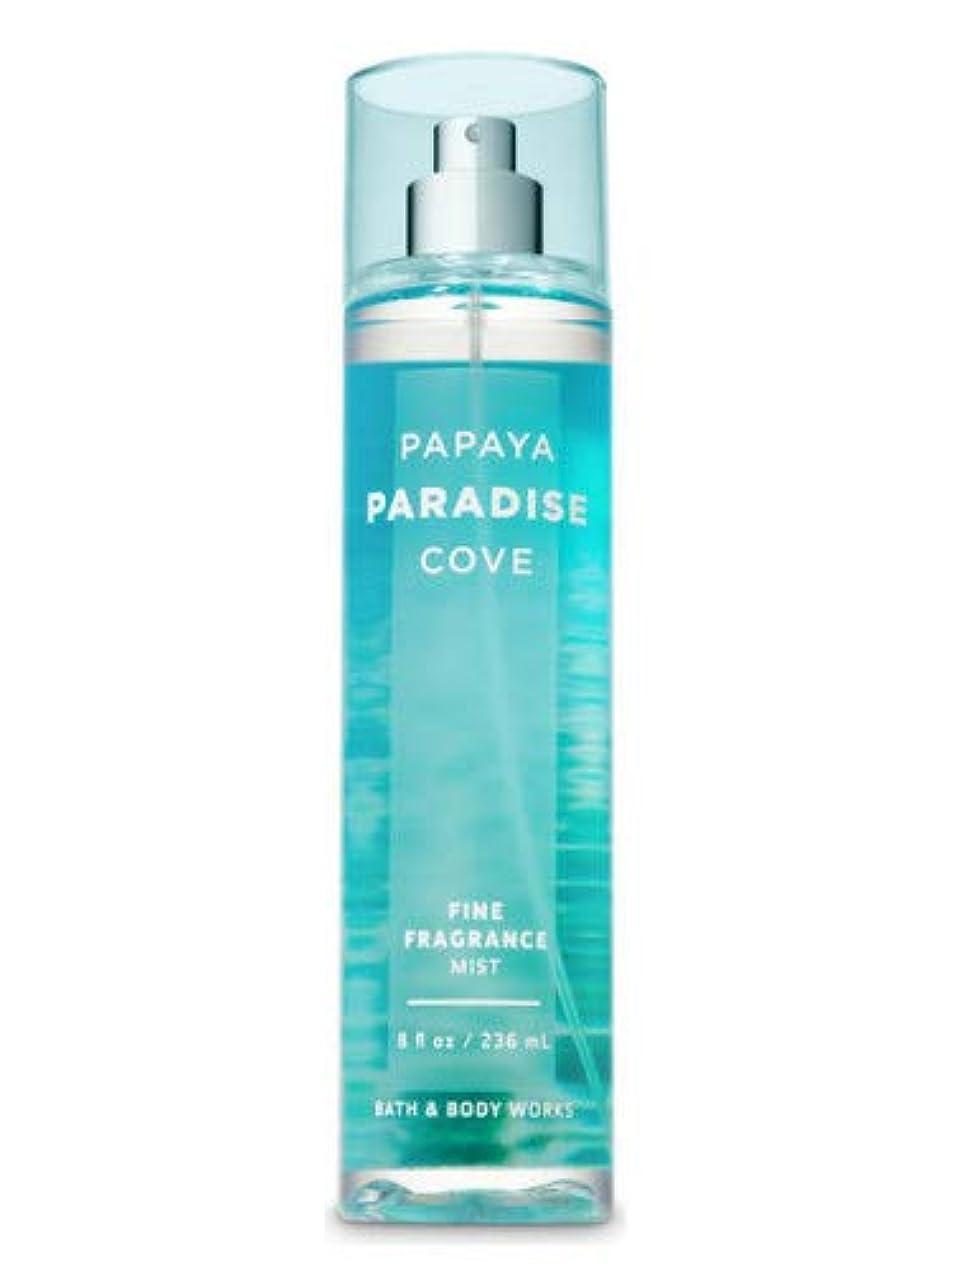 必要とする仕方タック【Bath&Body Works/バス&ボディワークス】 ファインフレグランスミスト パパイヤパラダイスコーヴ Fine Fragrance Mist Papaya Paradise Cove 8oz (236ml) [...